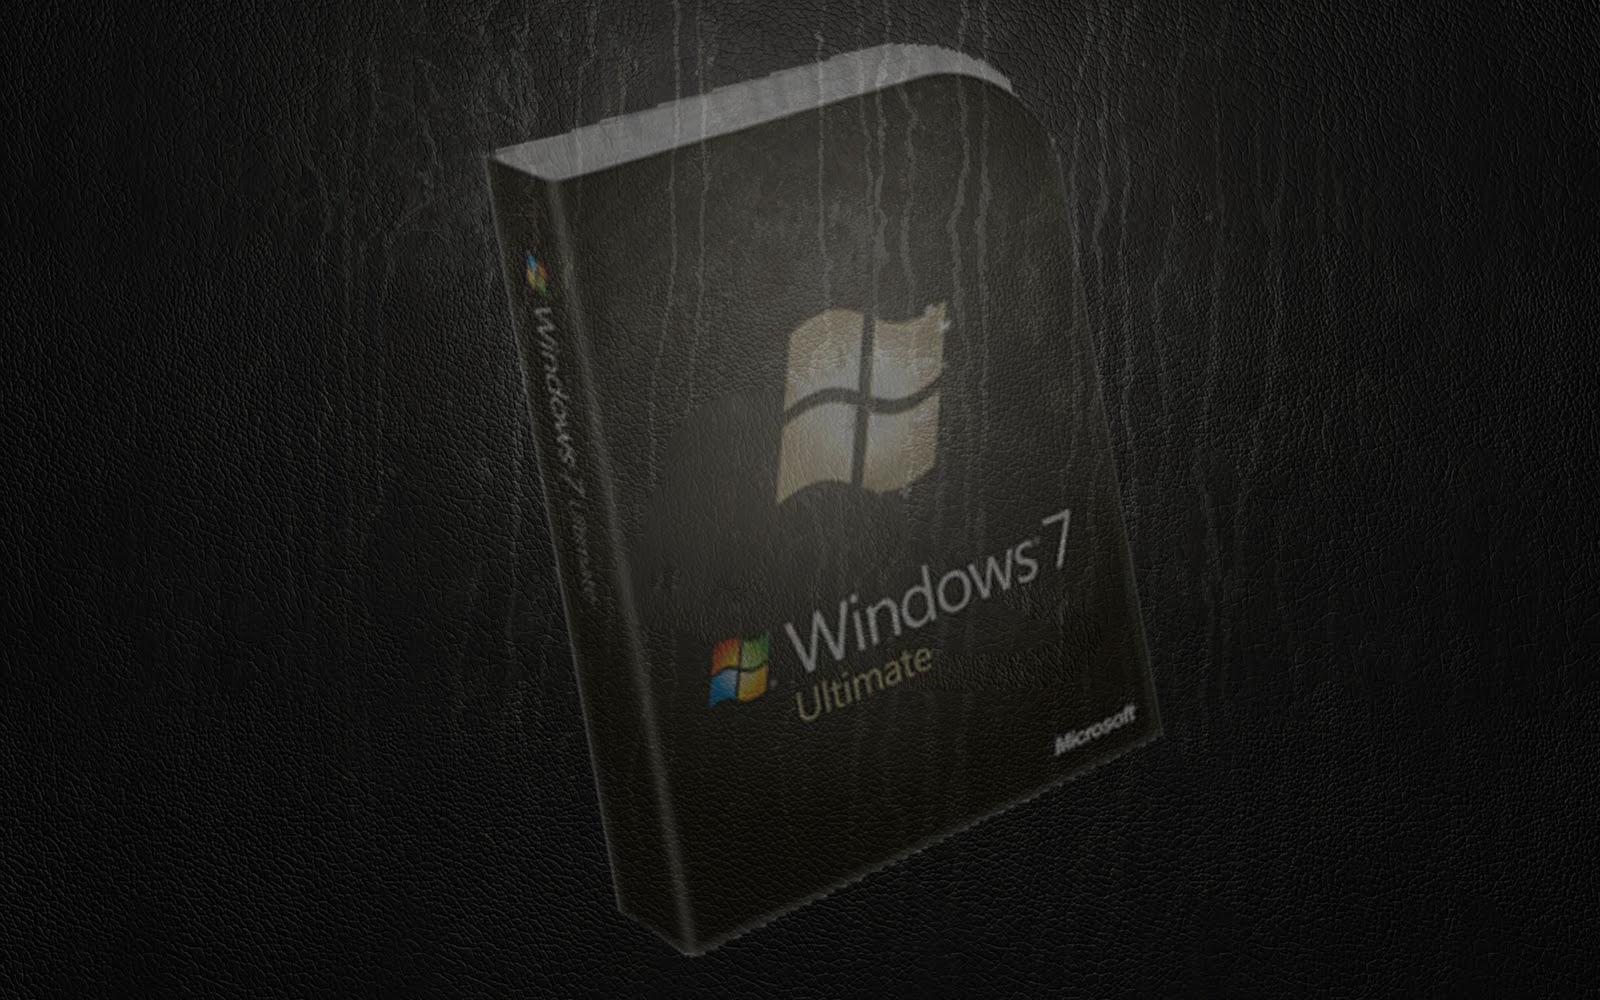 windows 7 ultimate wallpaper 1280x800 wallpapersafari